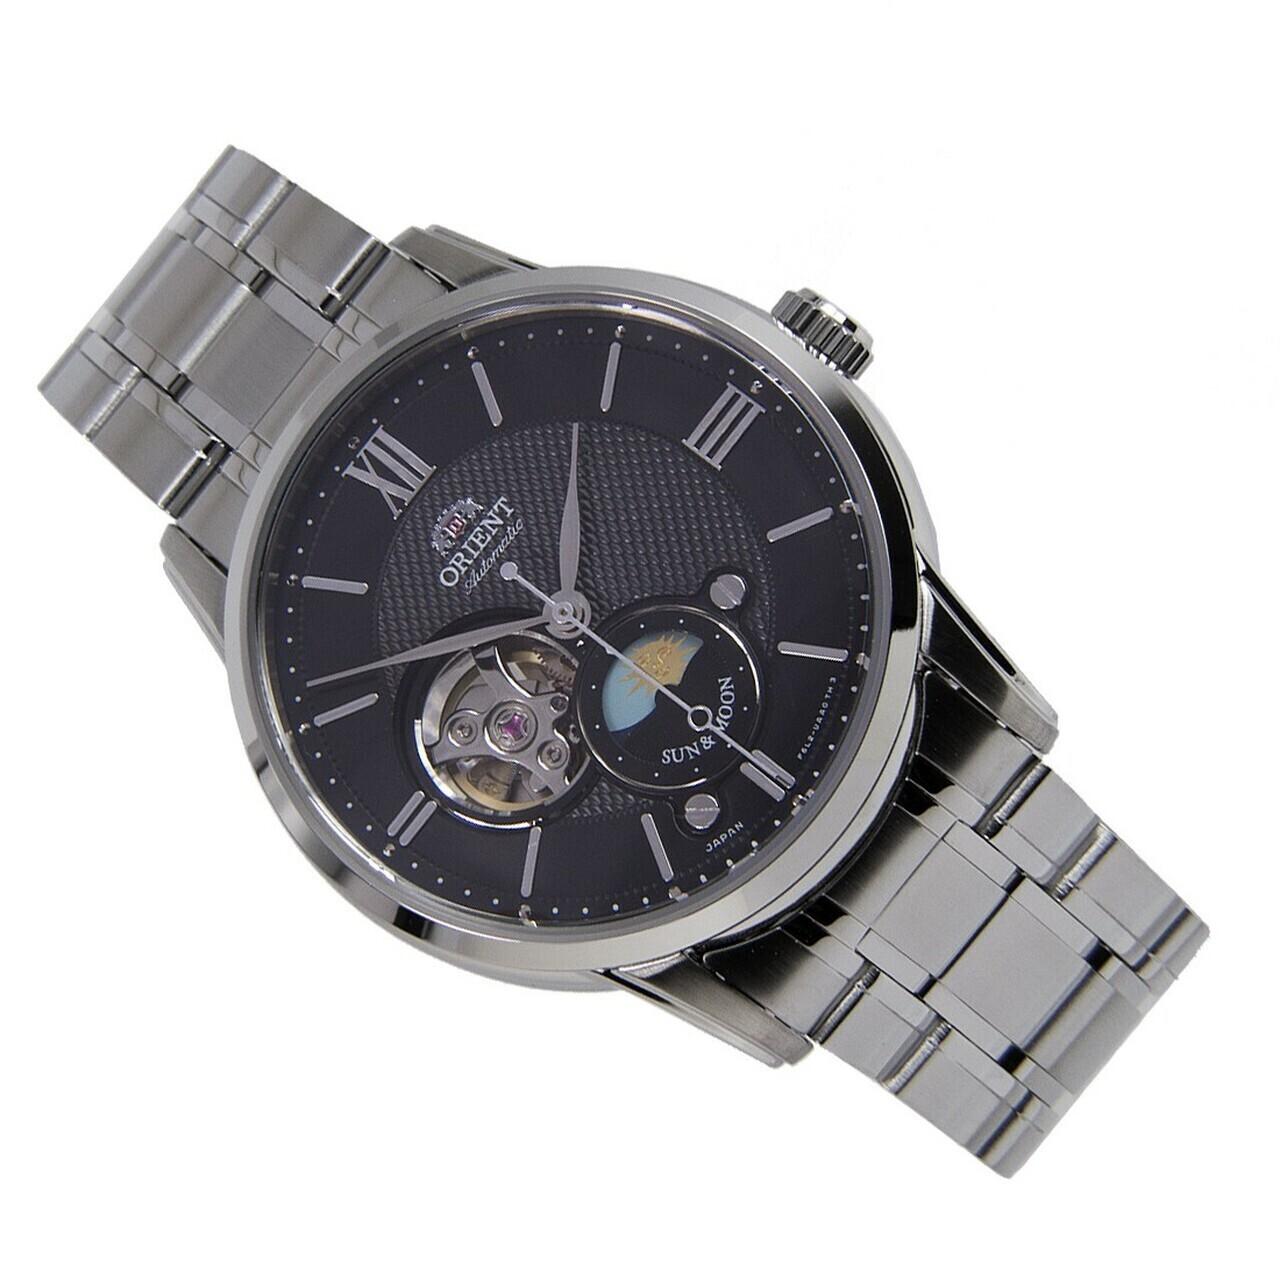 reloj automático hombre Orient Sun & Moon RA-AS0002B Open Heart dial negro 42mm correa acero